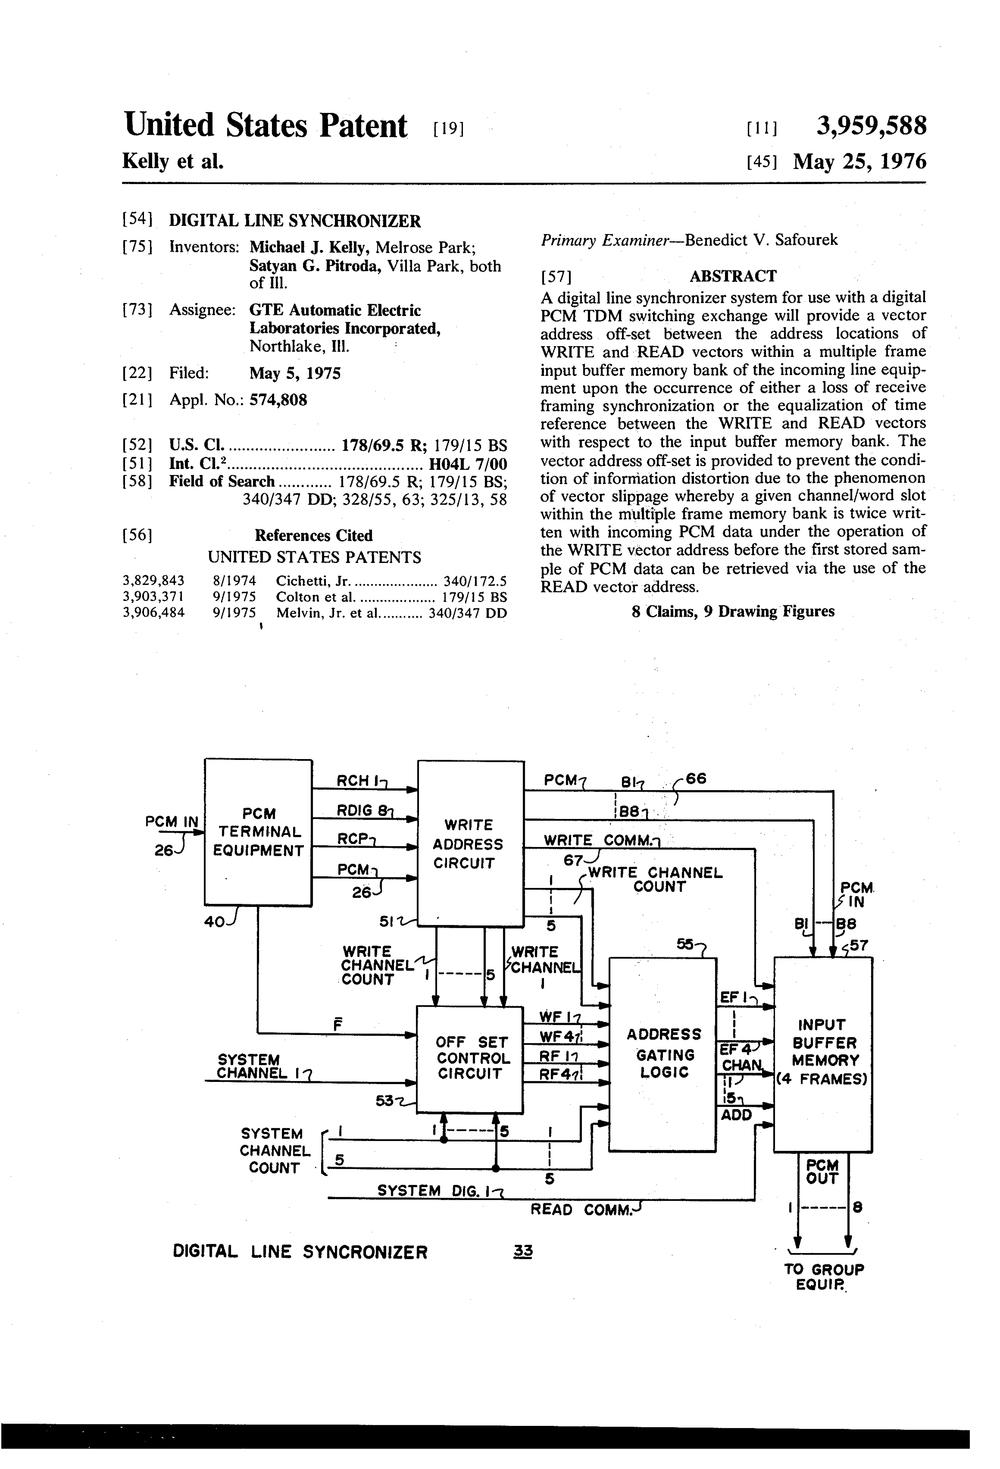 US3959588 Digital line synchronizer.jpg